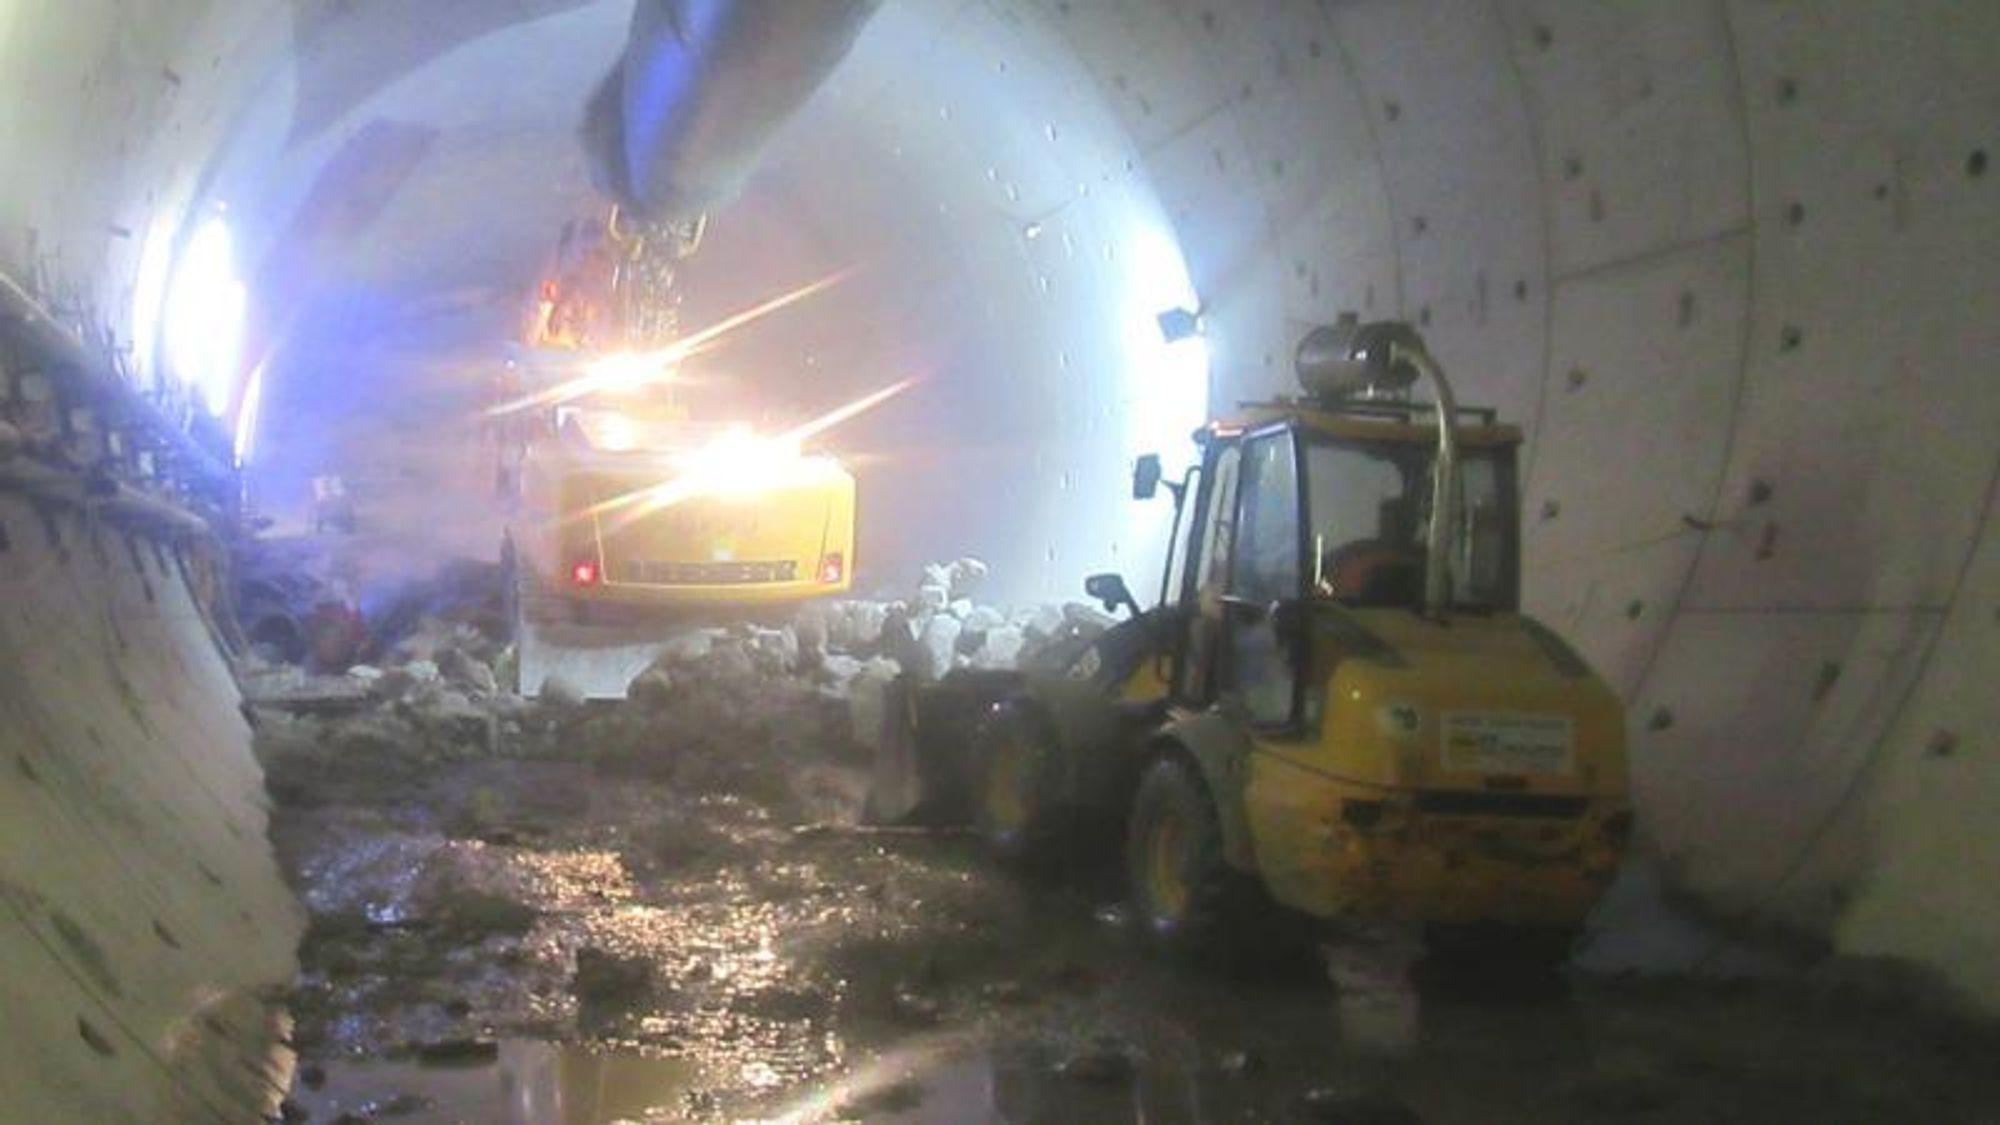 Den uhellsrammede delen av tunnelen ligger omkring 40 meter bak borehodet. Tunnelsegmentene har forskjøvet seg på en omkring 50 meter lang strekning. For å stabilisere tunnelen og hindre en ytterligere kollaps, pumpet entreprenøren Züblin omkring 10.500 kubikkmeter betong ned i tunnelen og begravde maskinen. Siden er den 160 meter lange «betongproppen» blitt hakket vekk, og nå planlegger Deutsche Bahn og entreprenørkonsortiet å grave ned og fjerne den ødelagte delen av tunnelen – inklusiv tunnelboremaskinen – og anlegge den resterende delen av tunnelen som en cut-and-cover.